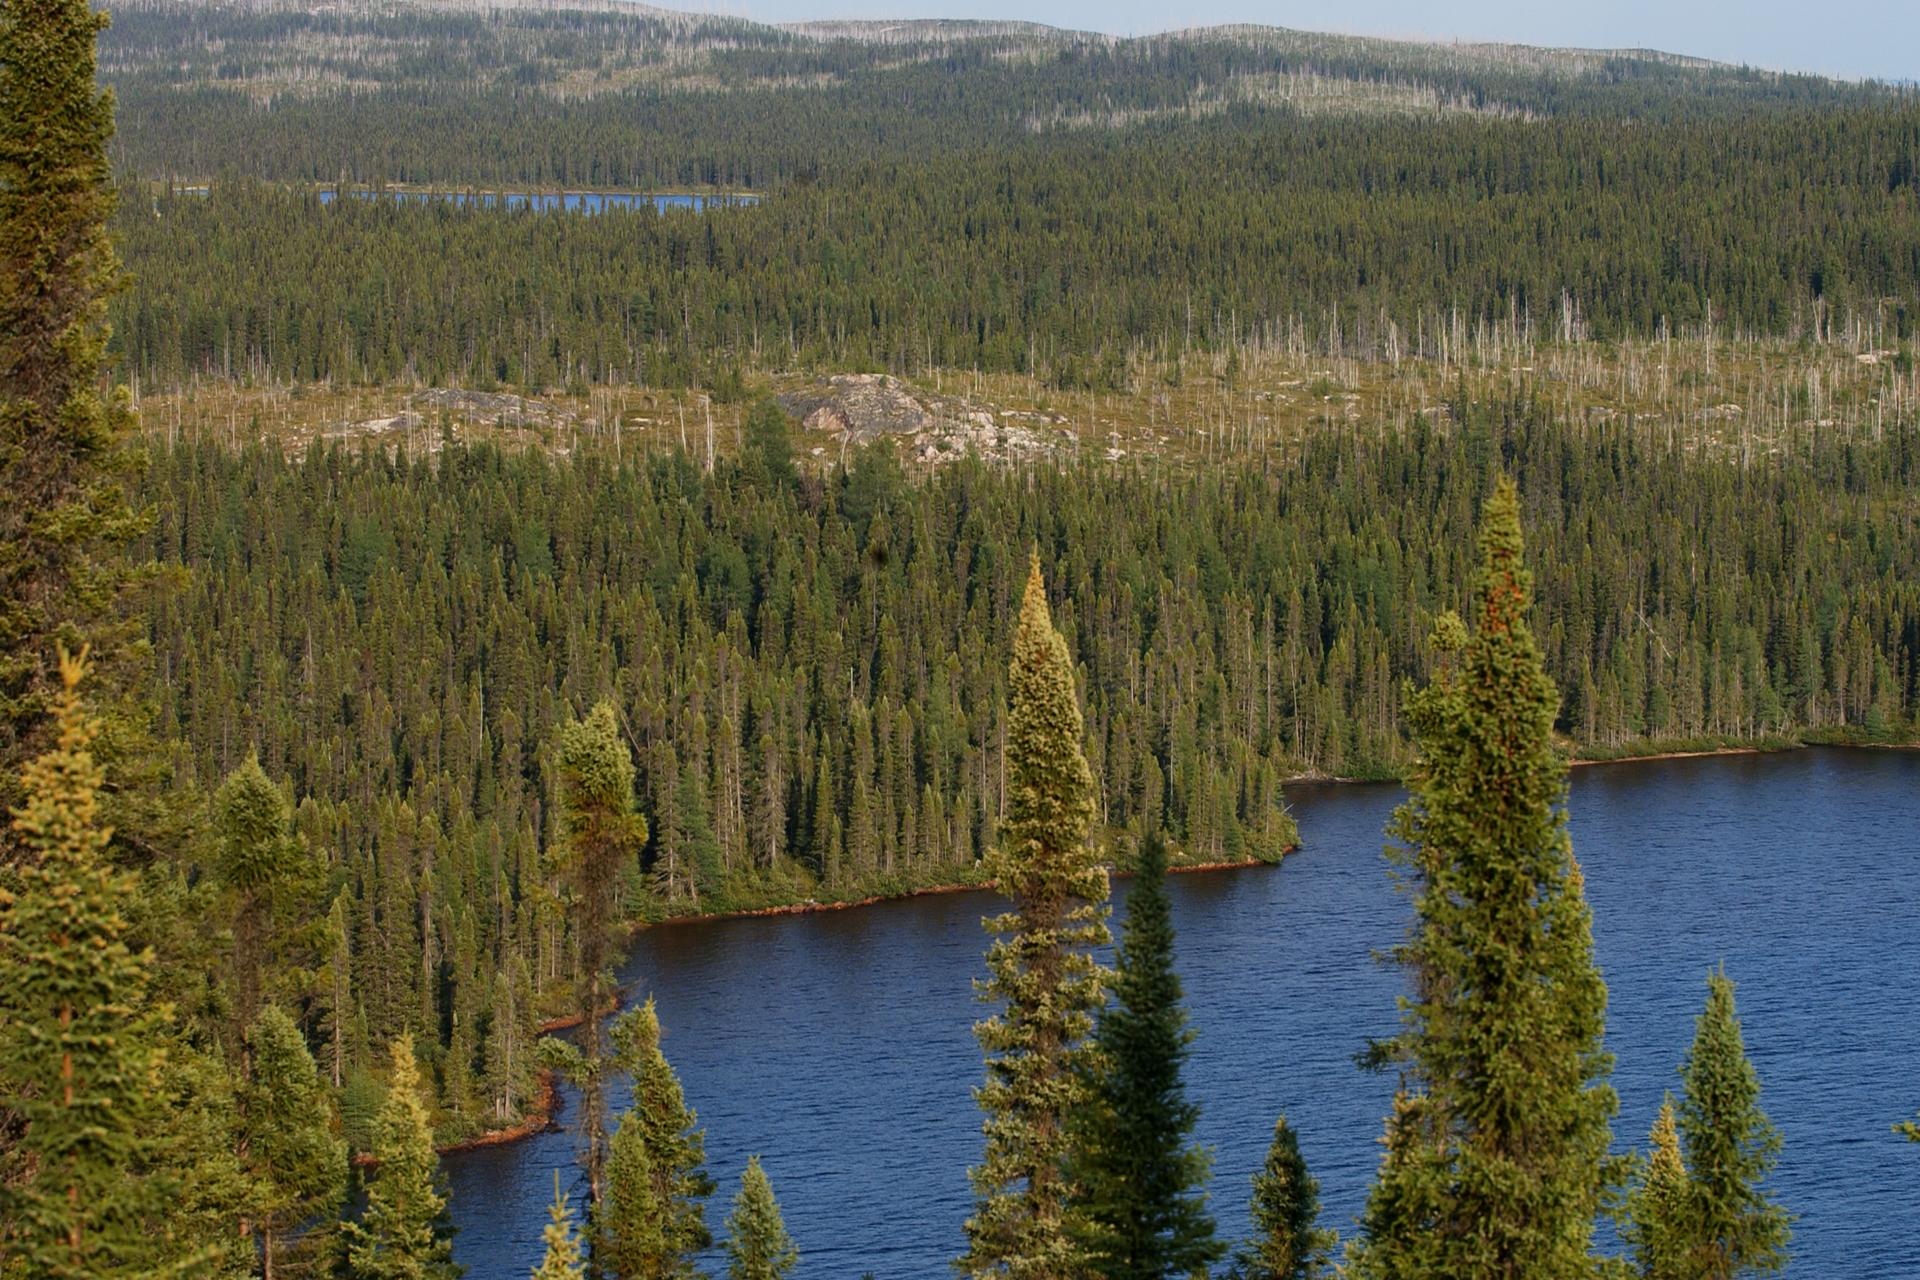 Fotografia przedstawia łagodnie pofalowany krajobraz kanadyjskiej tajgi wujęciu zgóry. Po prawej iwgłębi znajduje się jezioro. Gdzieniegdzie wystają skały. Na prawie całym terenie gęsto rosną drzewa iglaste.